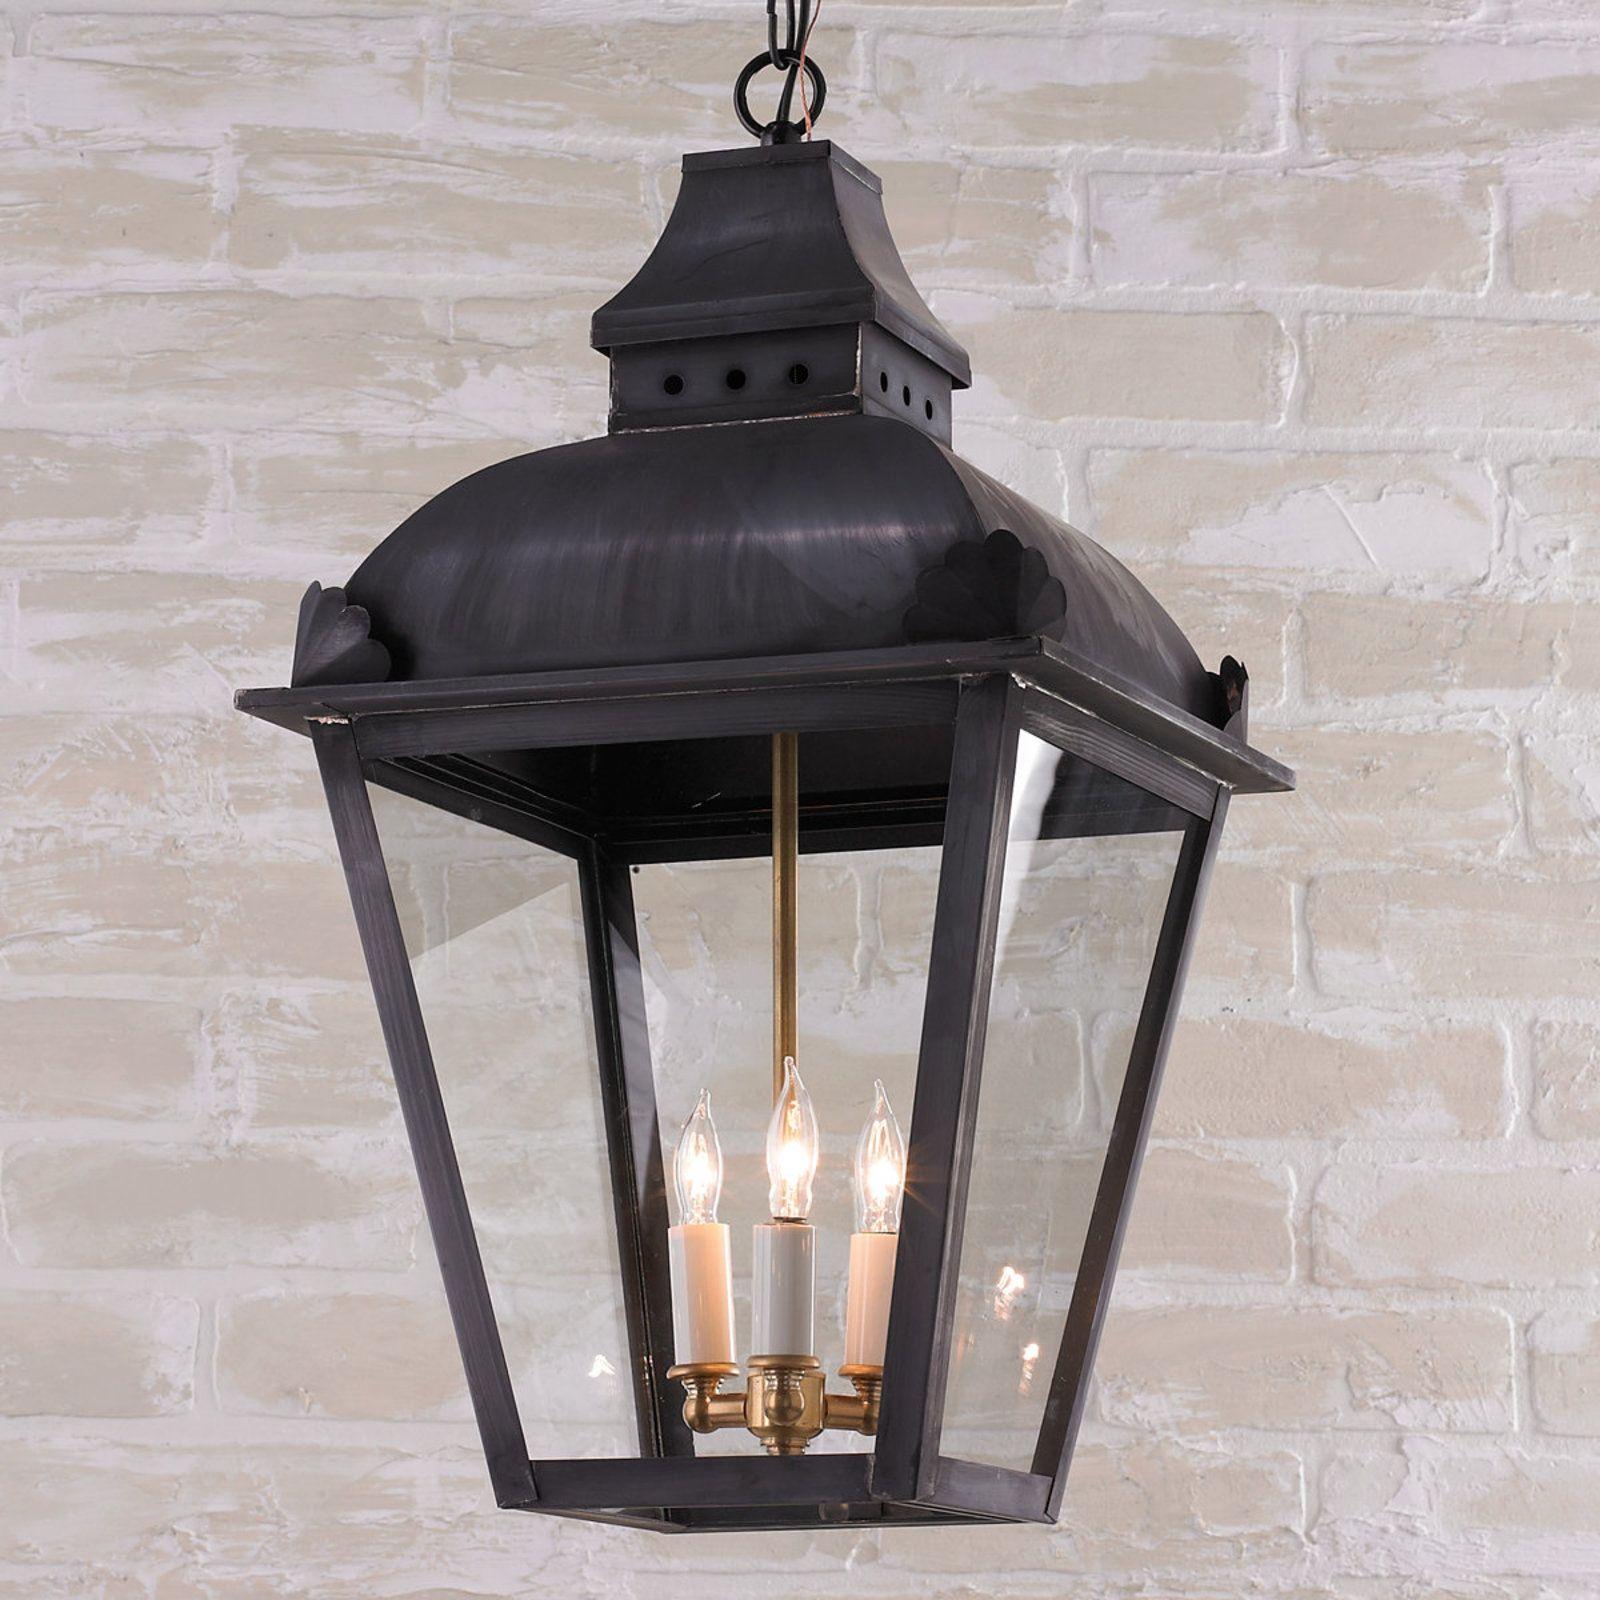 Colonial Era Outdoor Hanging Lantern